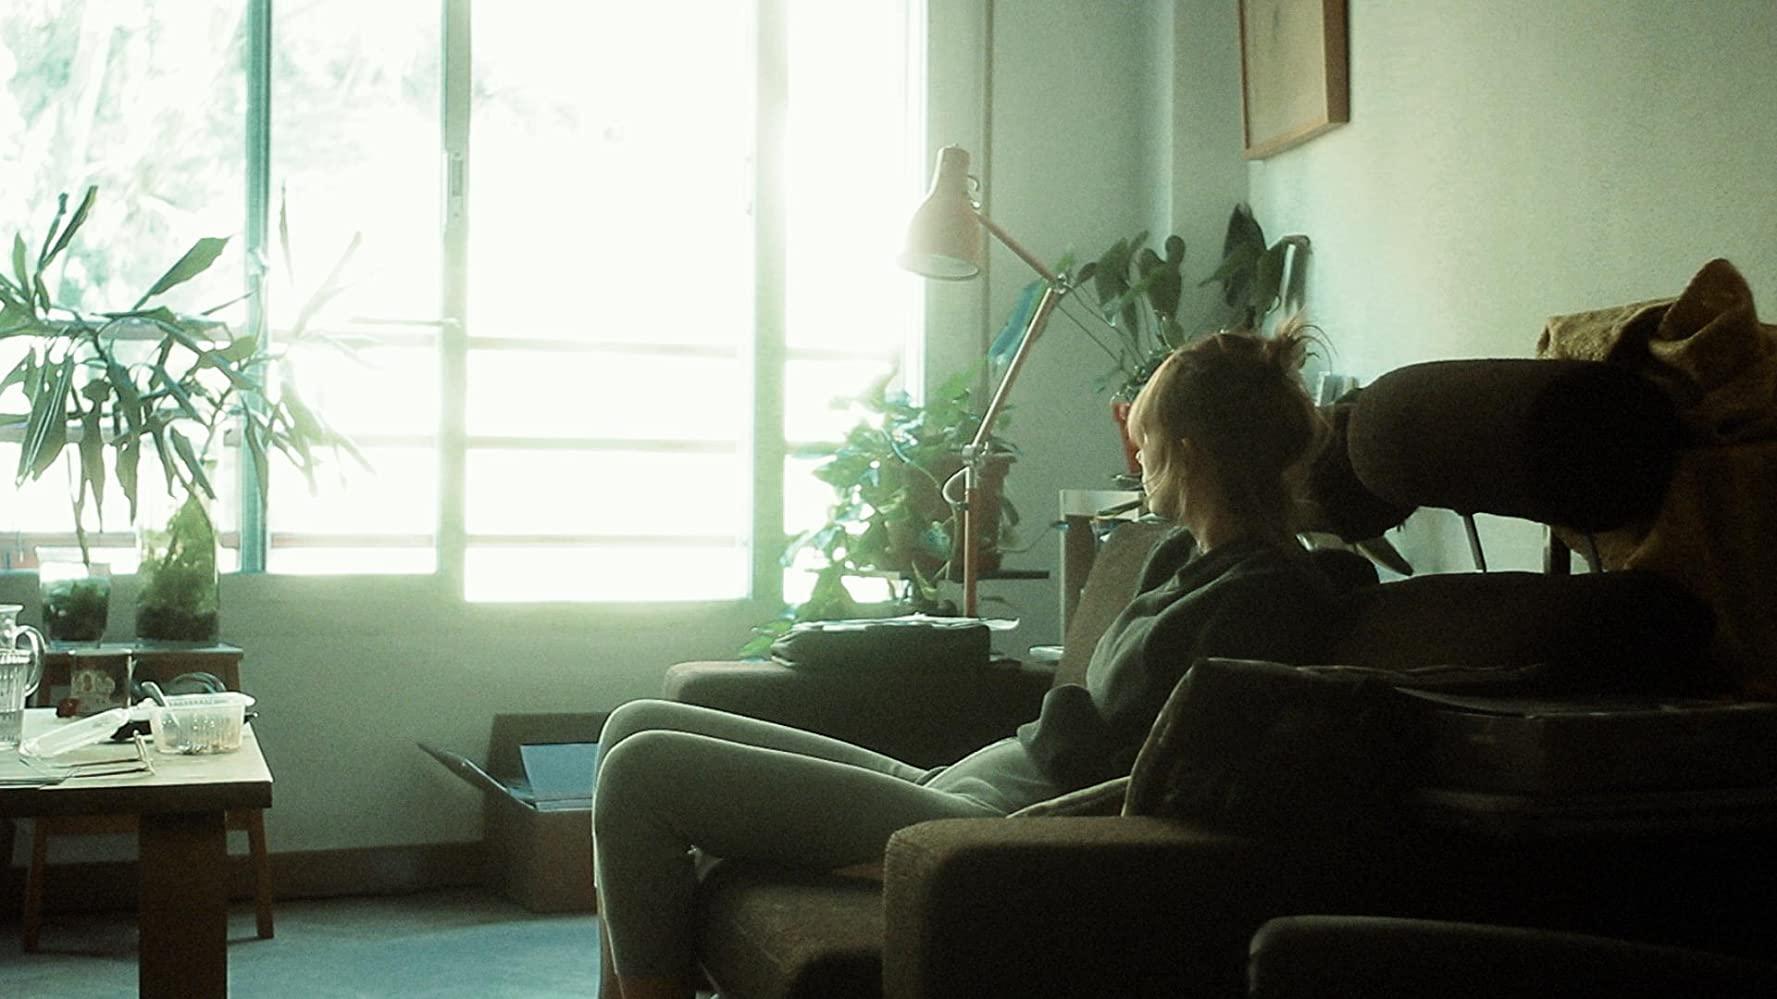 Pablo Hernando presenta en Sitges el corto 'El ruido solar'